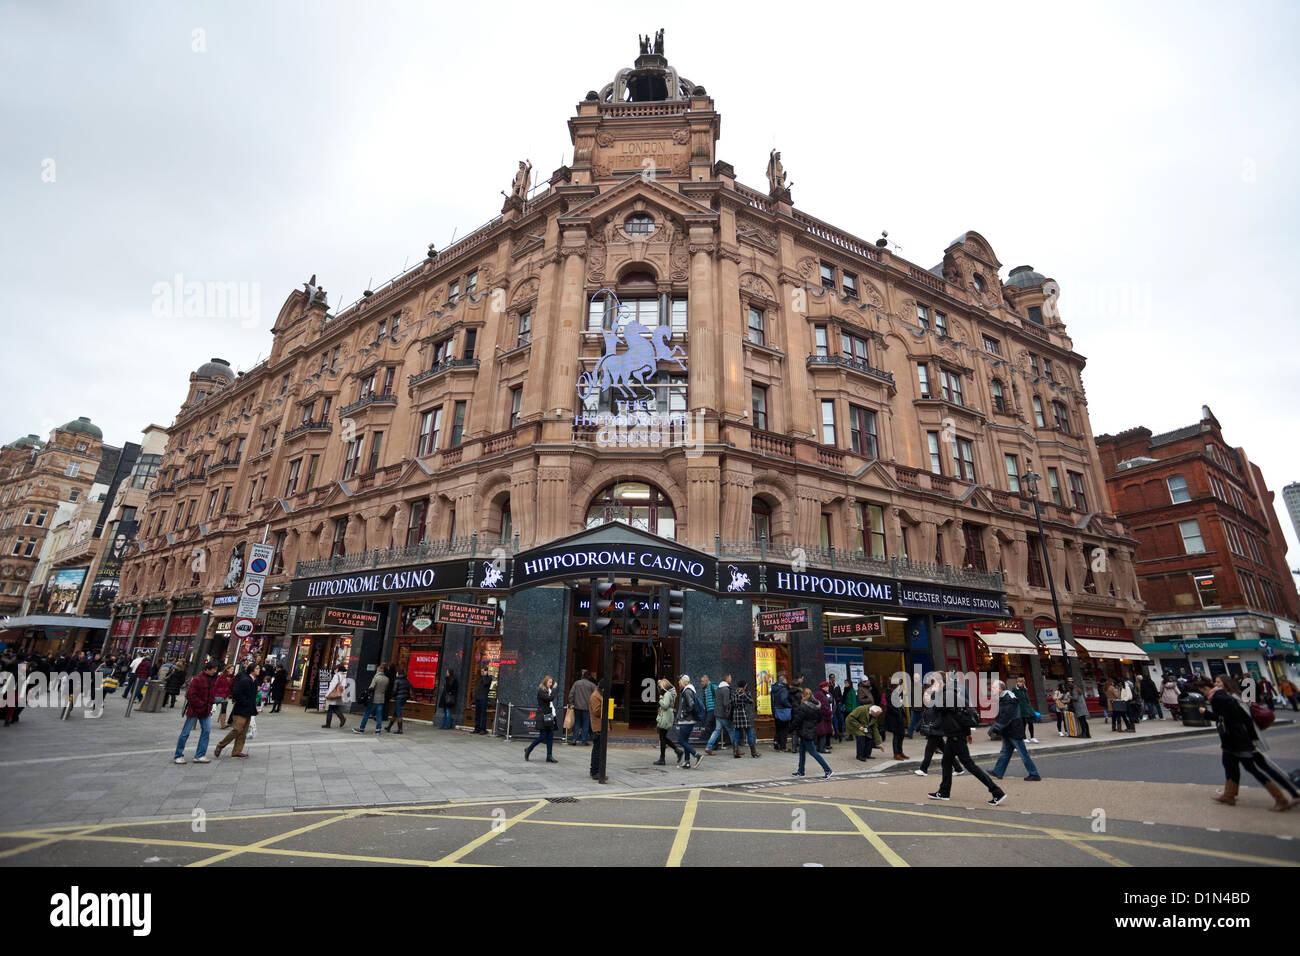 online casino in london